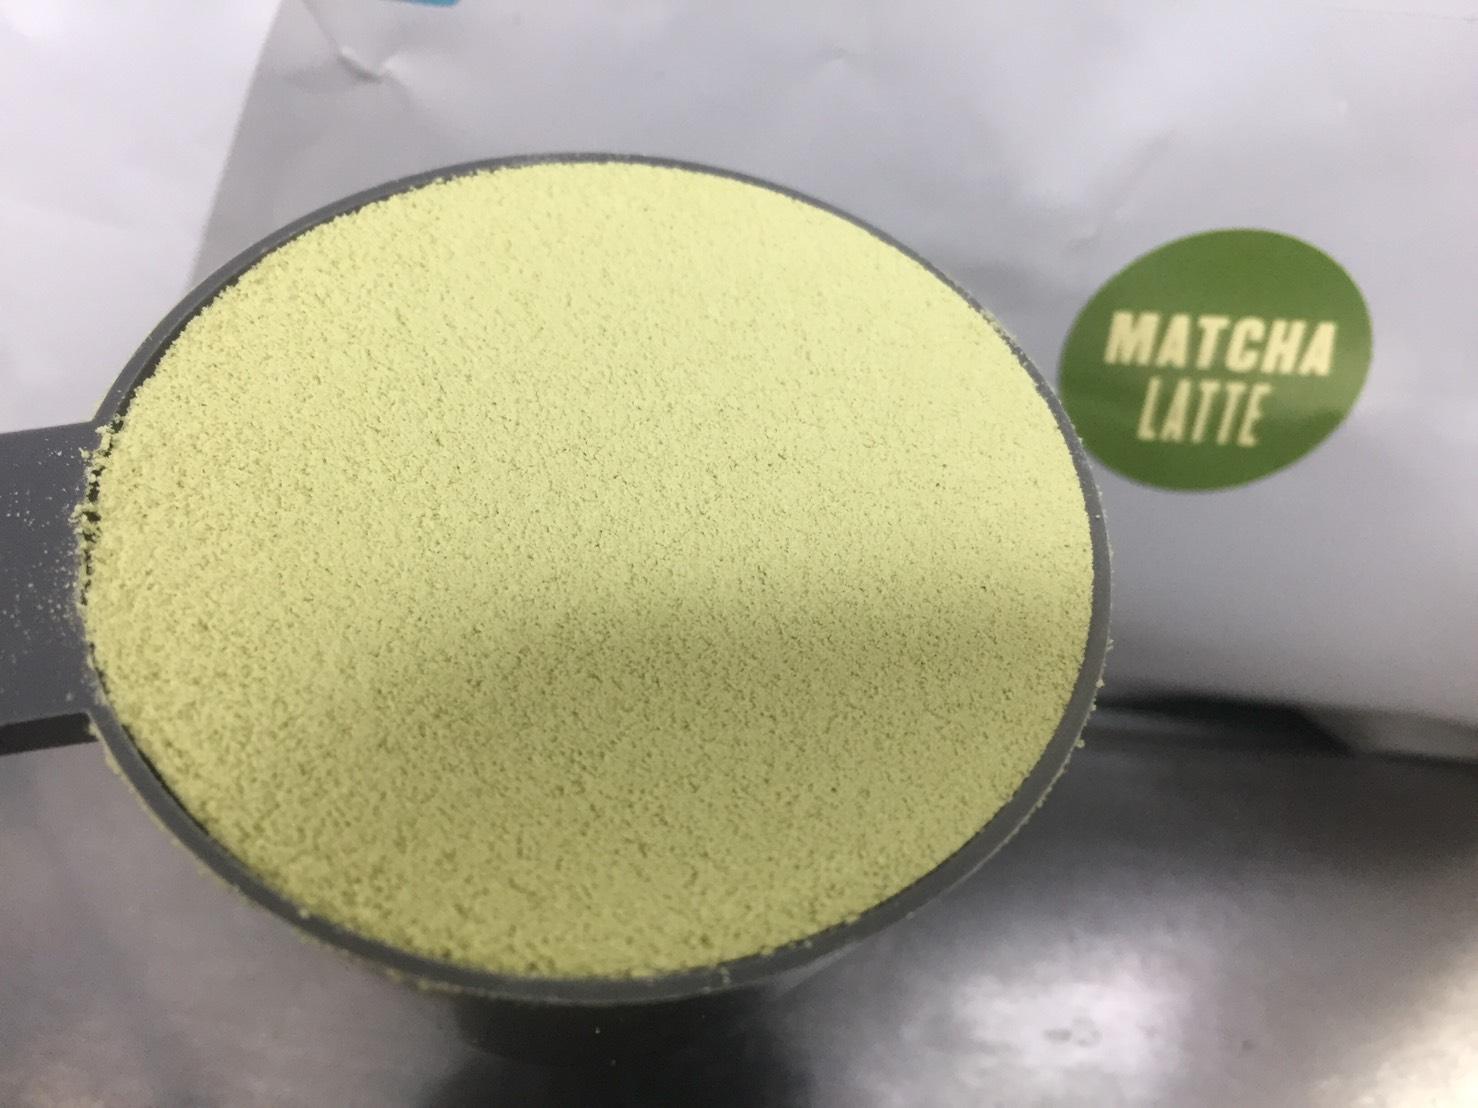 マイプロテインのImpactホエイプロテイン「抹茶ラテ味」をレビュー。抹茶味の草感が消えた!牛乳で溶かすと美味しい。【WPC】